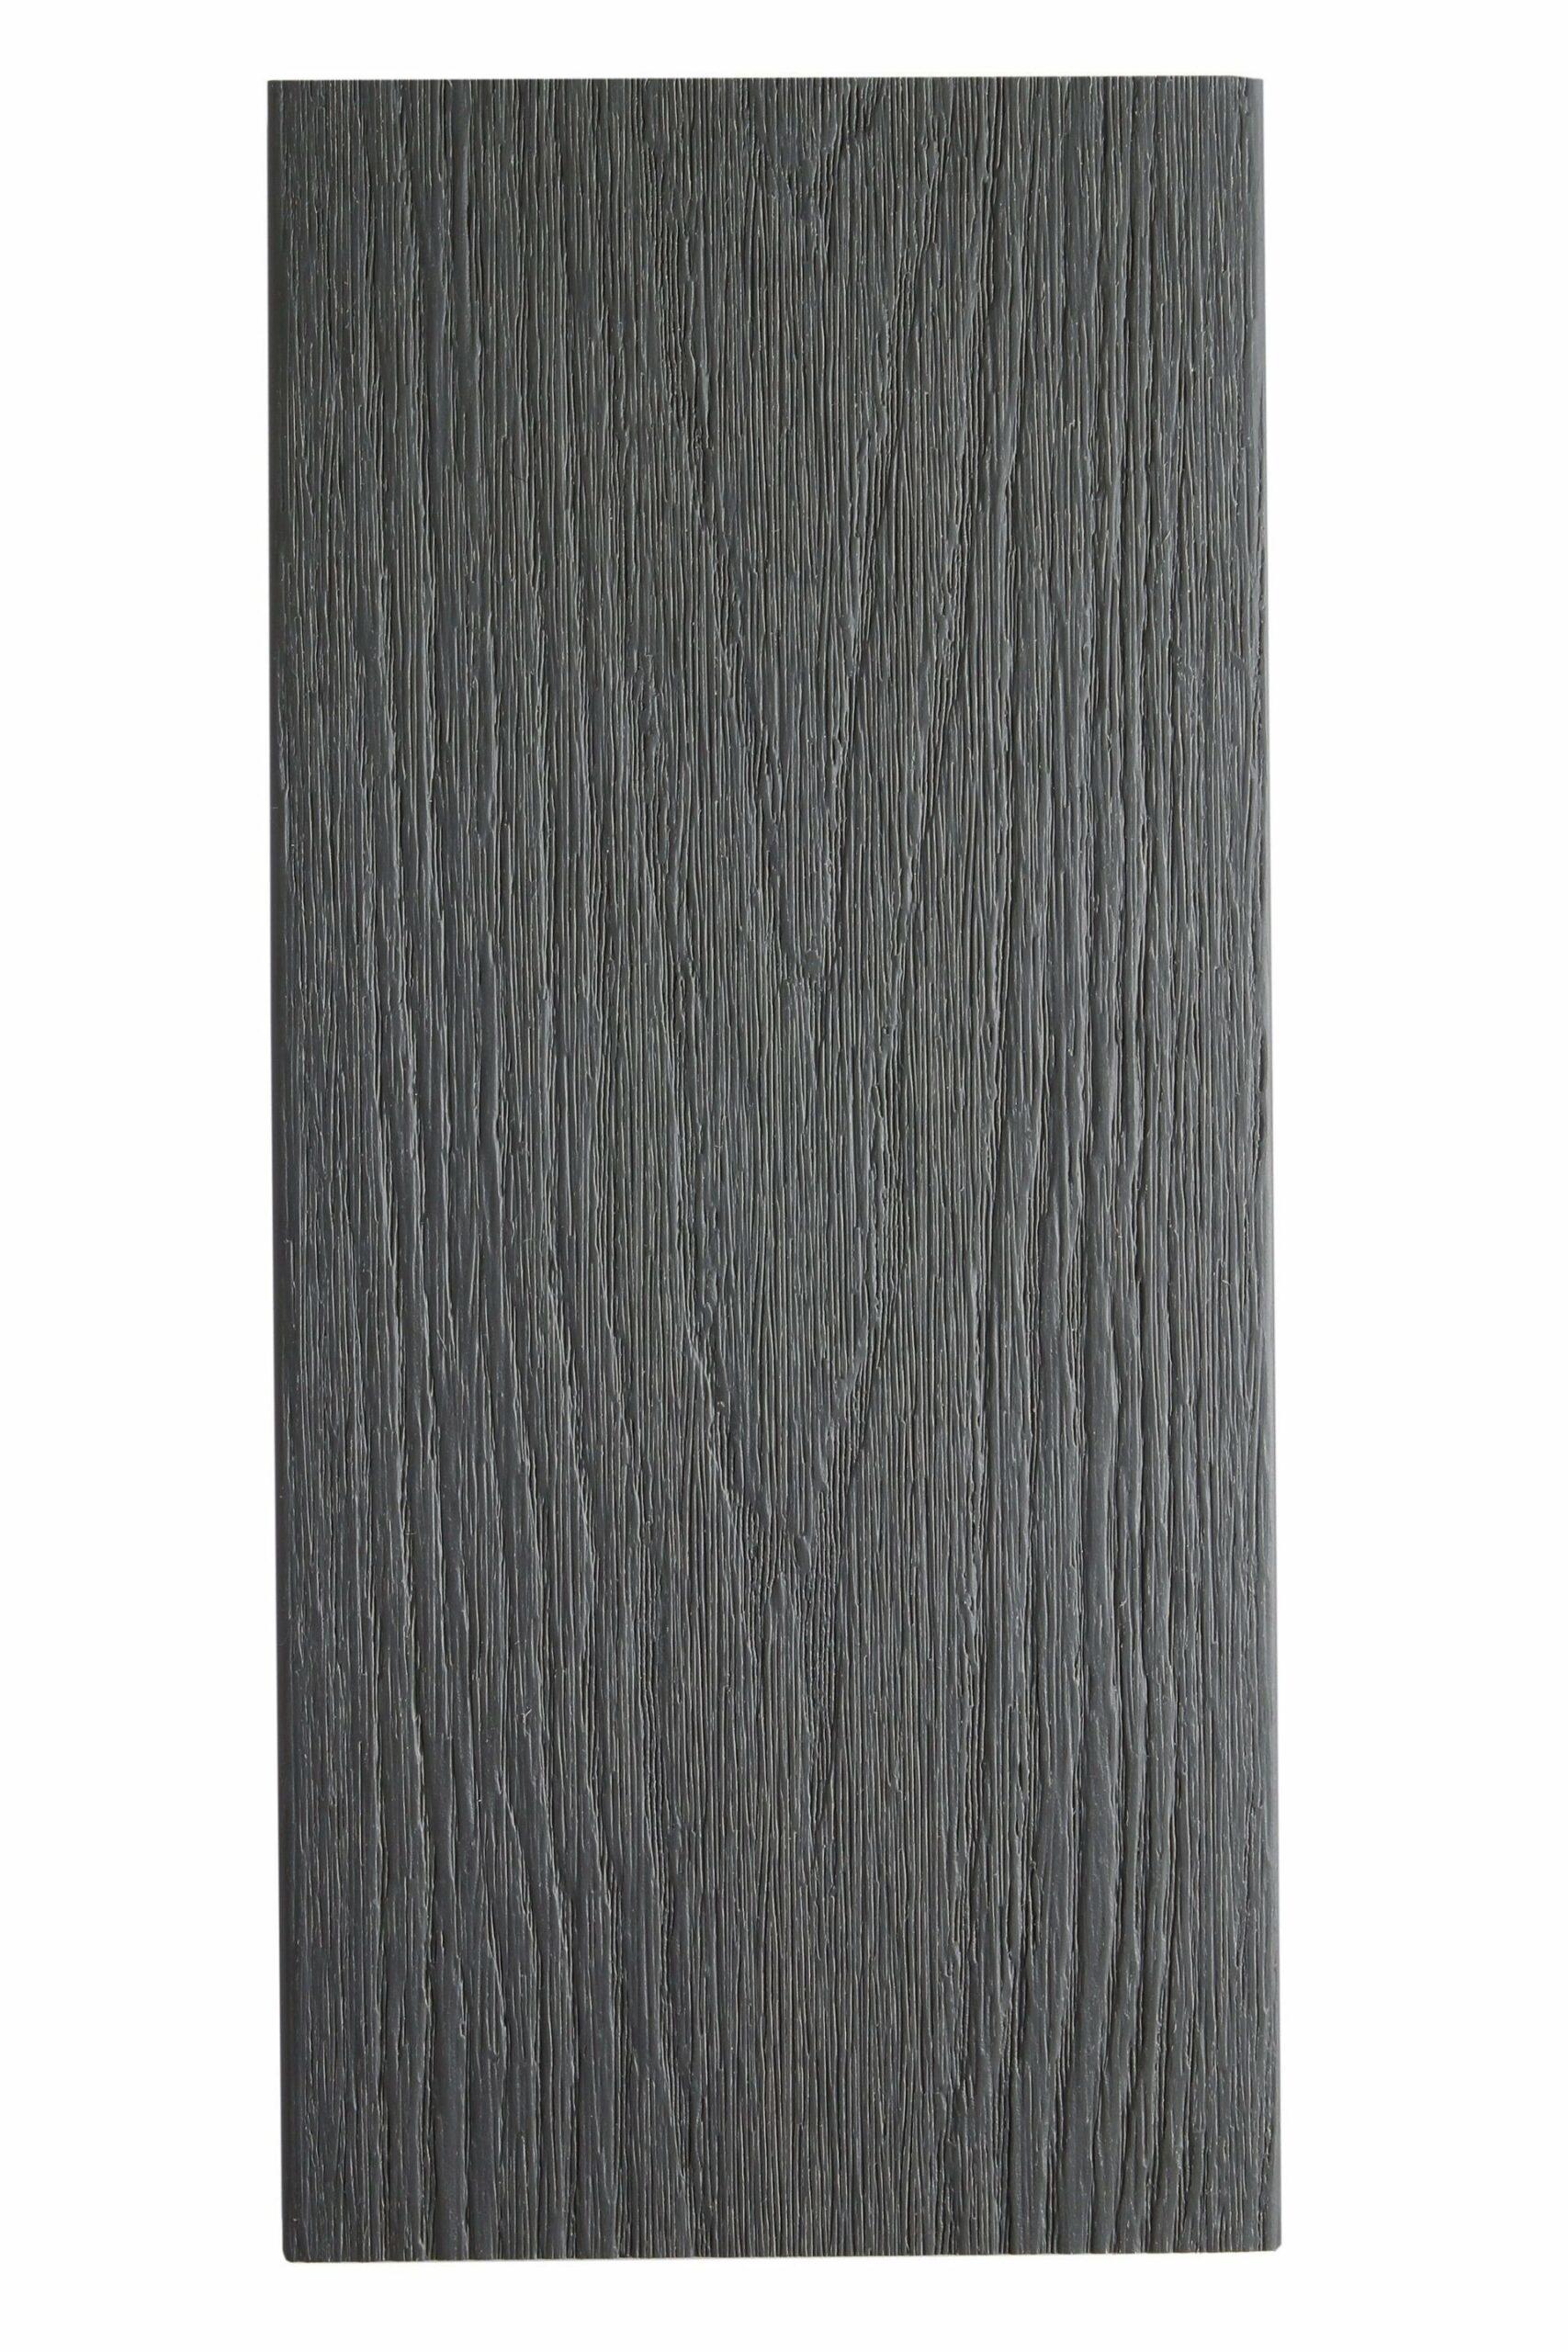 Gris cemento - cara texturizada